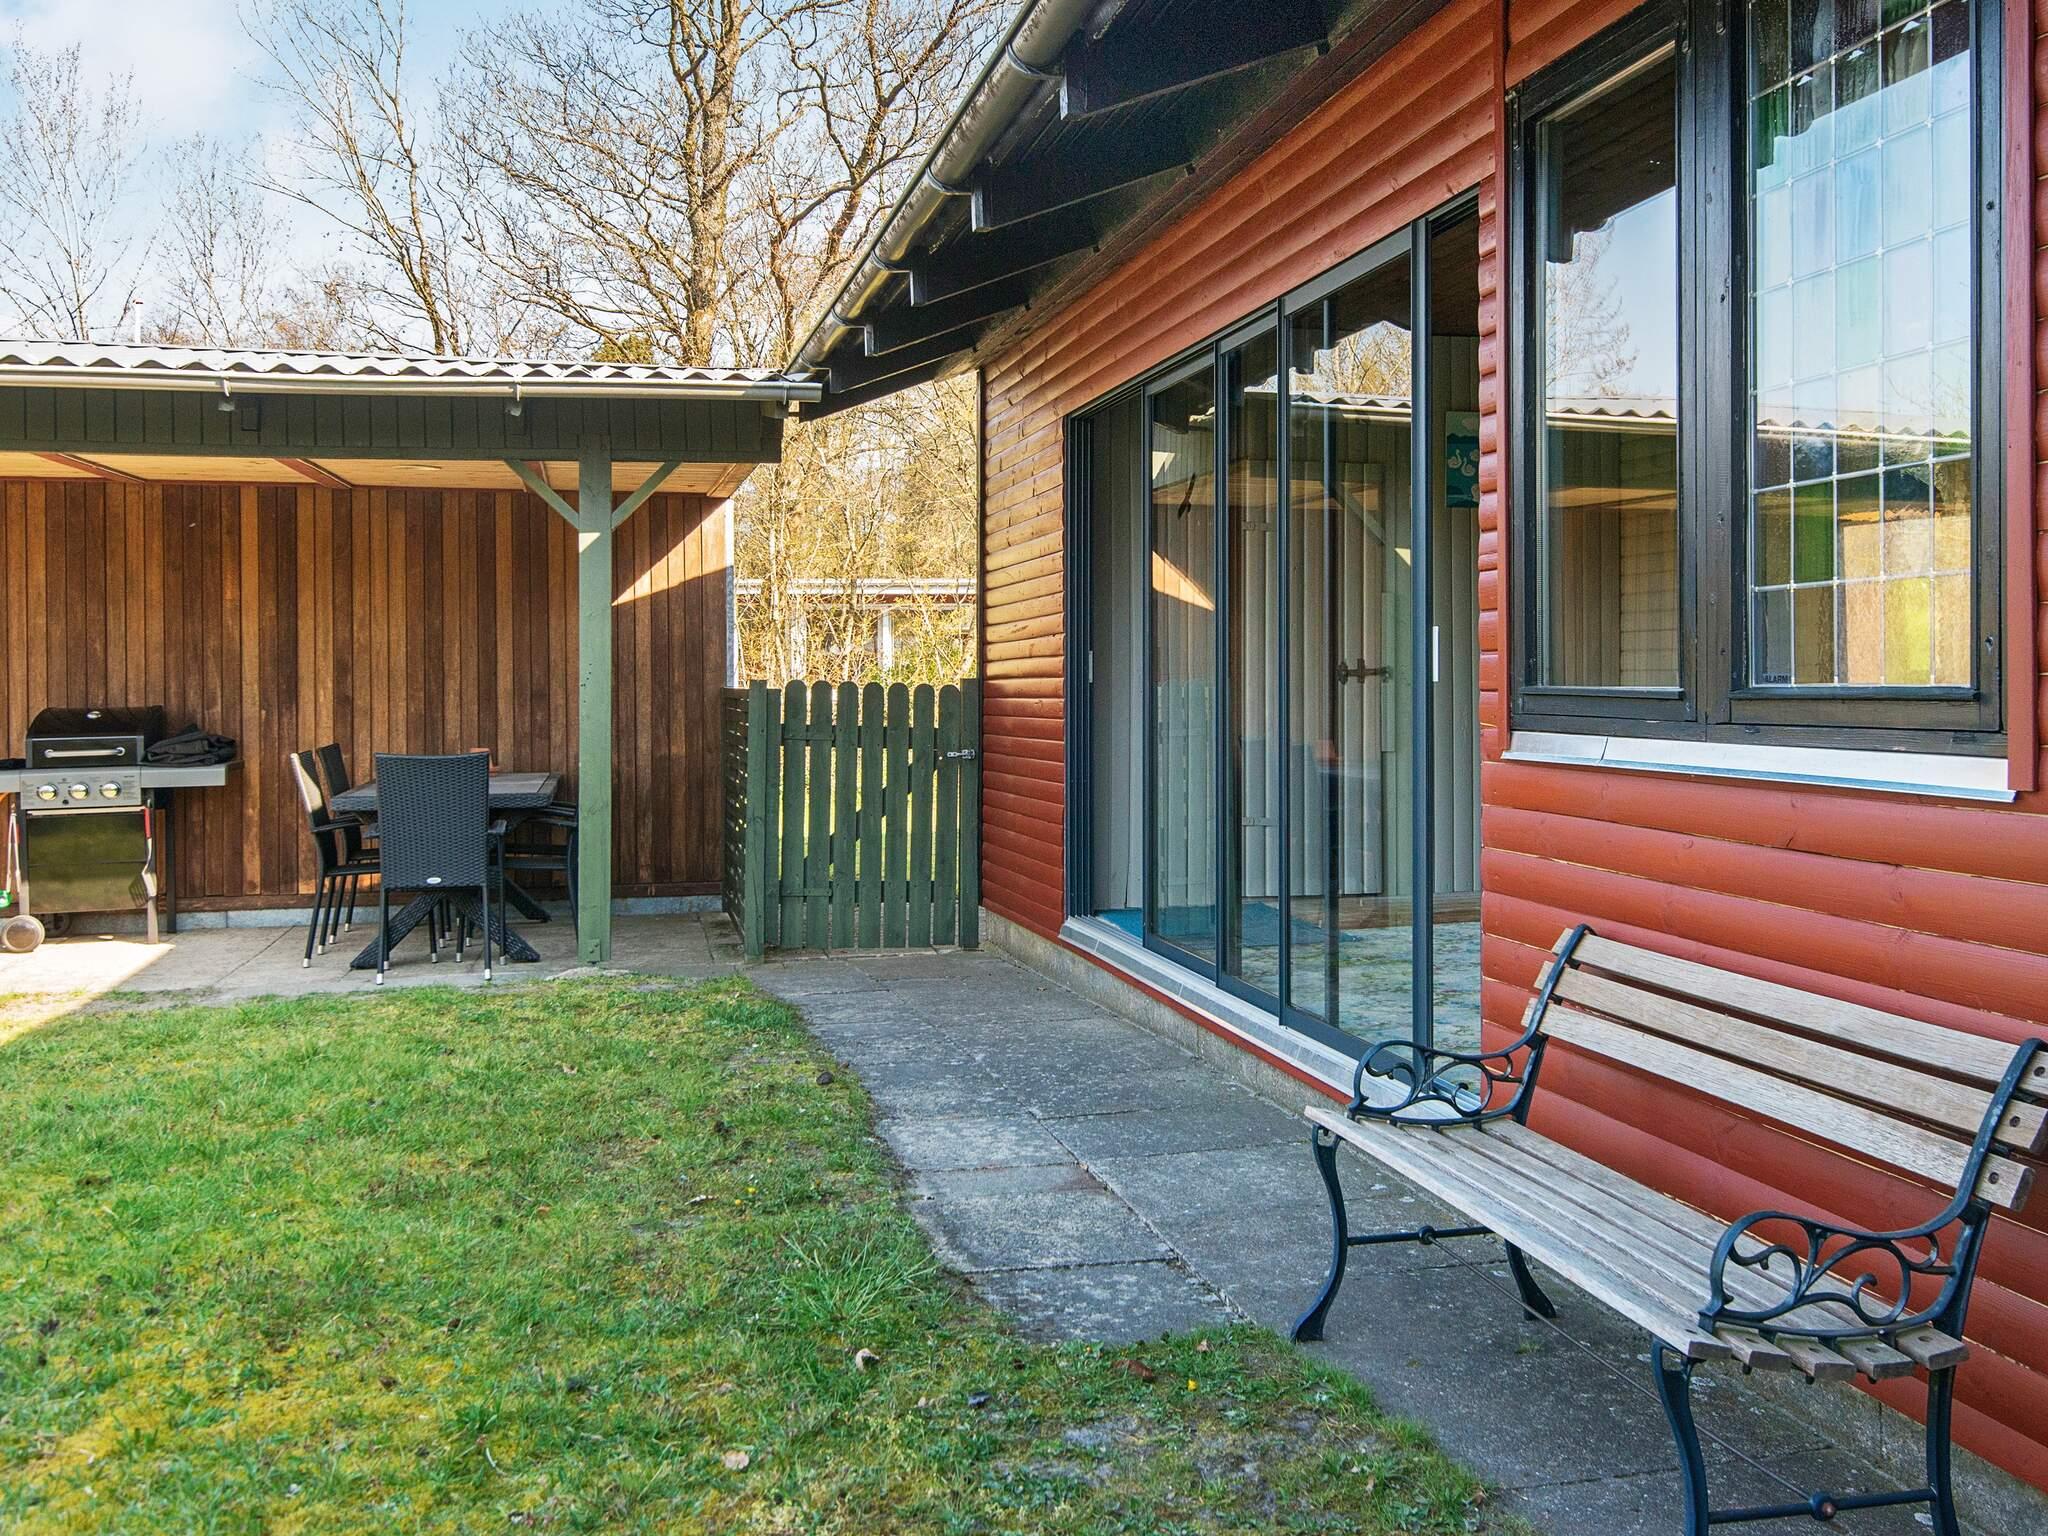 Ferienhaus Silkeborg (2354771), Silkeborg, , Ostjütland, Dänemark, Bild 18